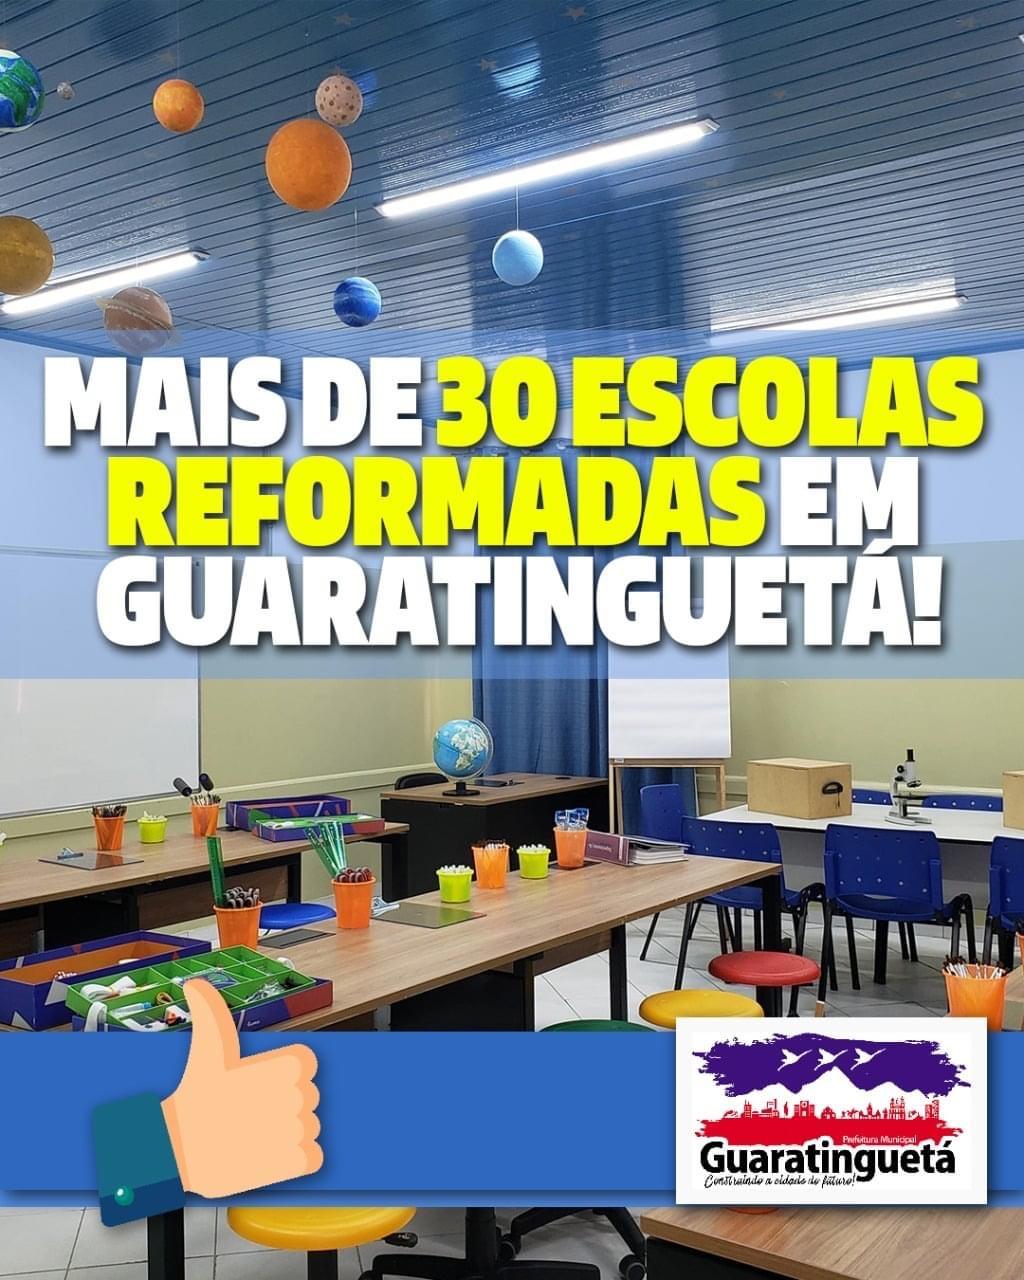 Nos últimos quatro anos, em Guaratinguetá, mais de 30 escolas foram reformadas